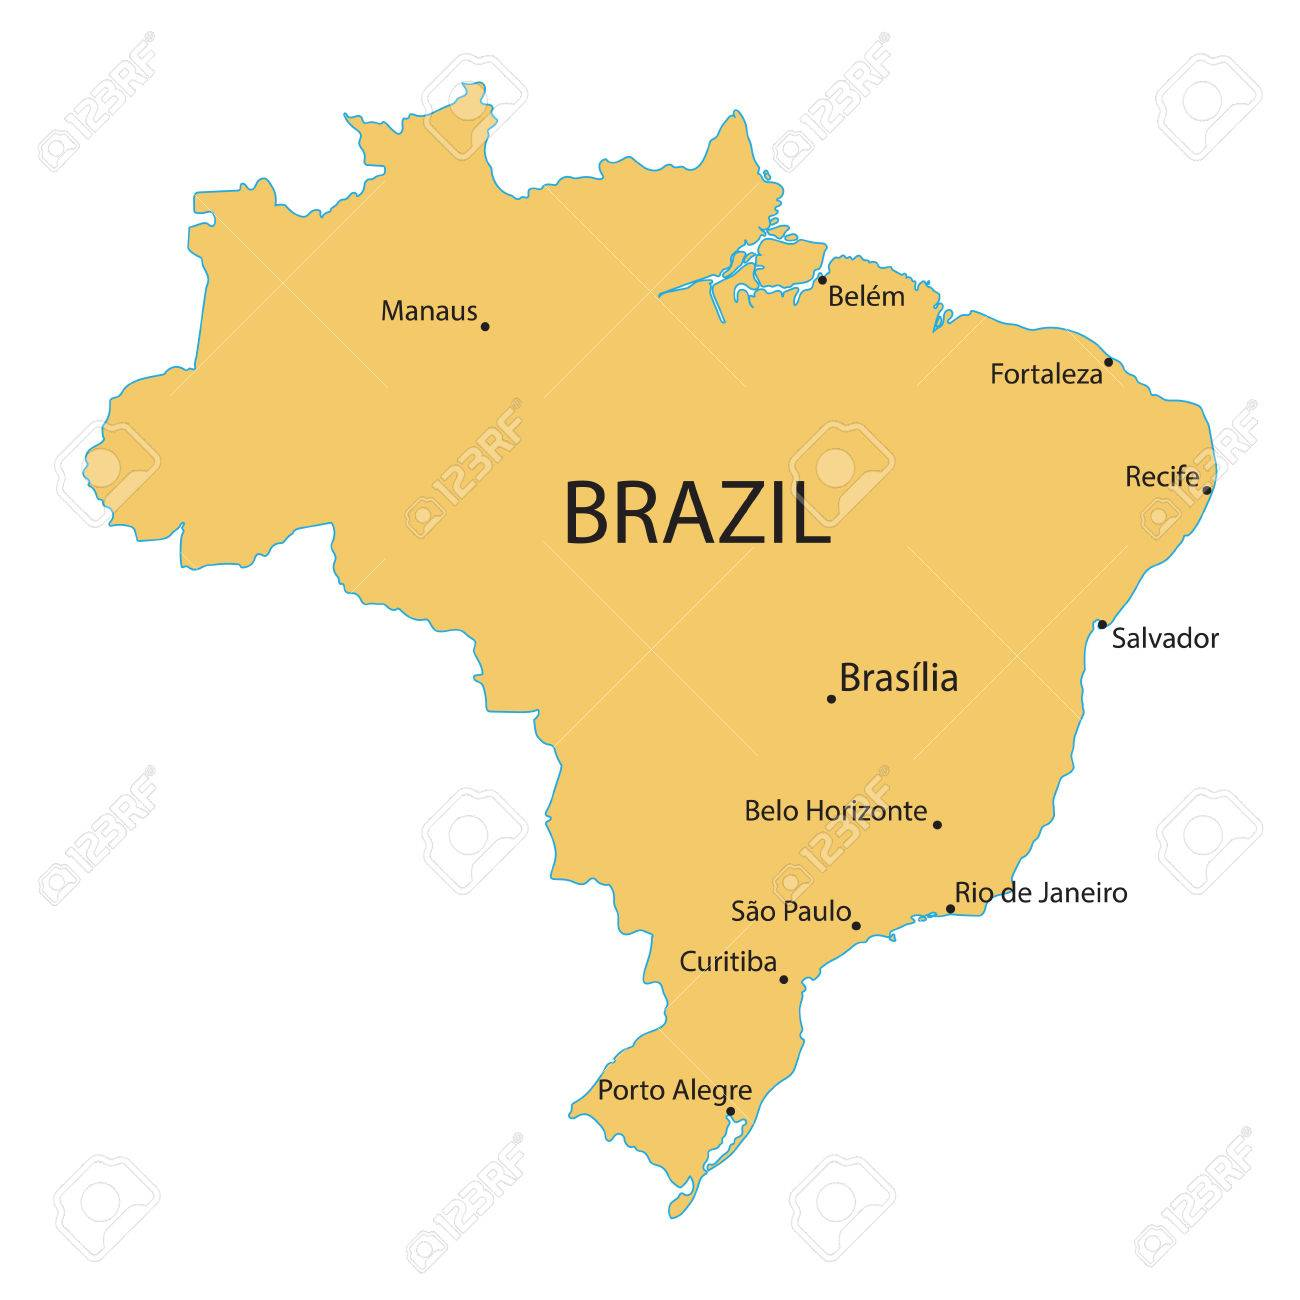 karte brasilien städte Karte Von Brasilien Mit Angabe Der Größten Städte Lizenzfrei